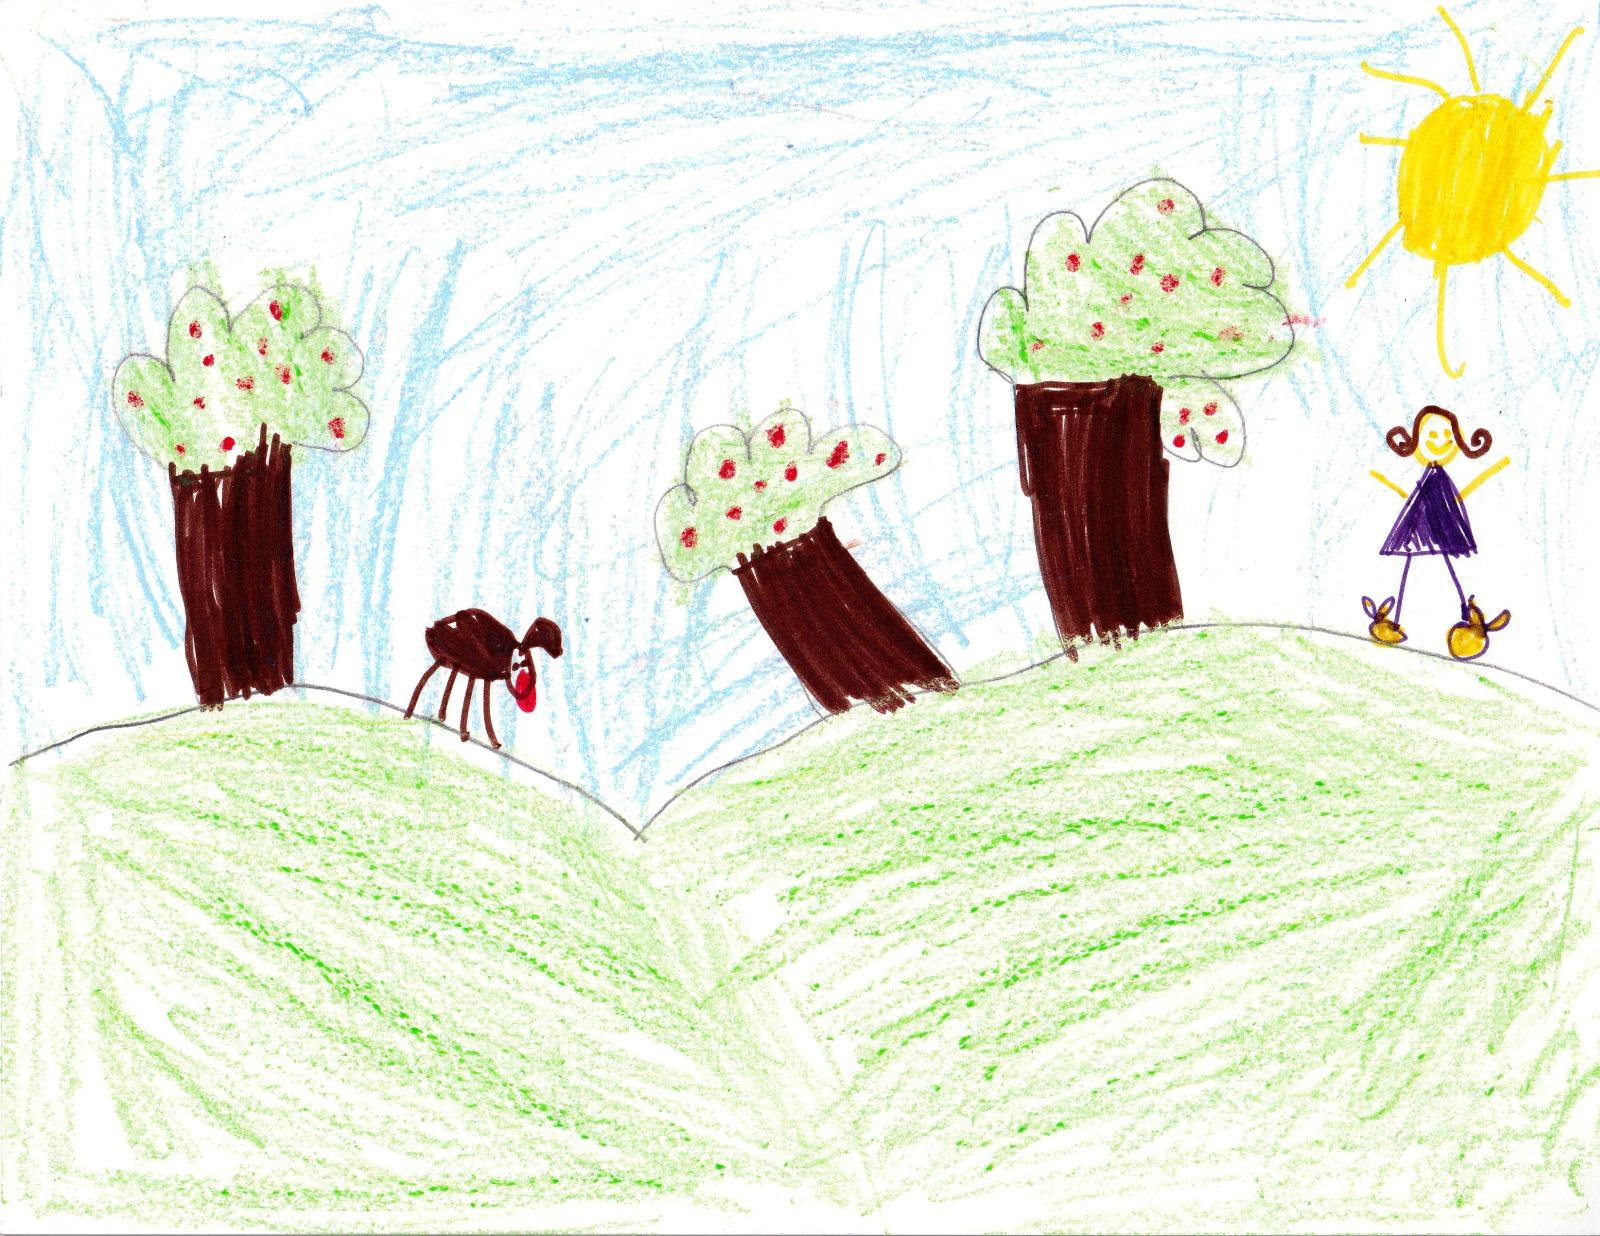 The Magic Tree House 3, artwork by Faith Hedin